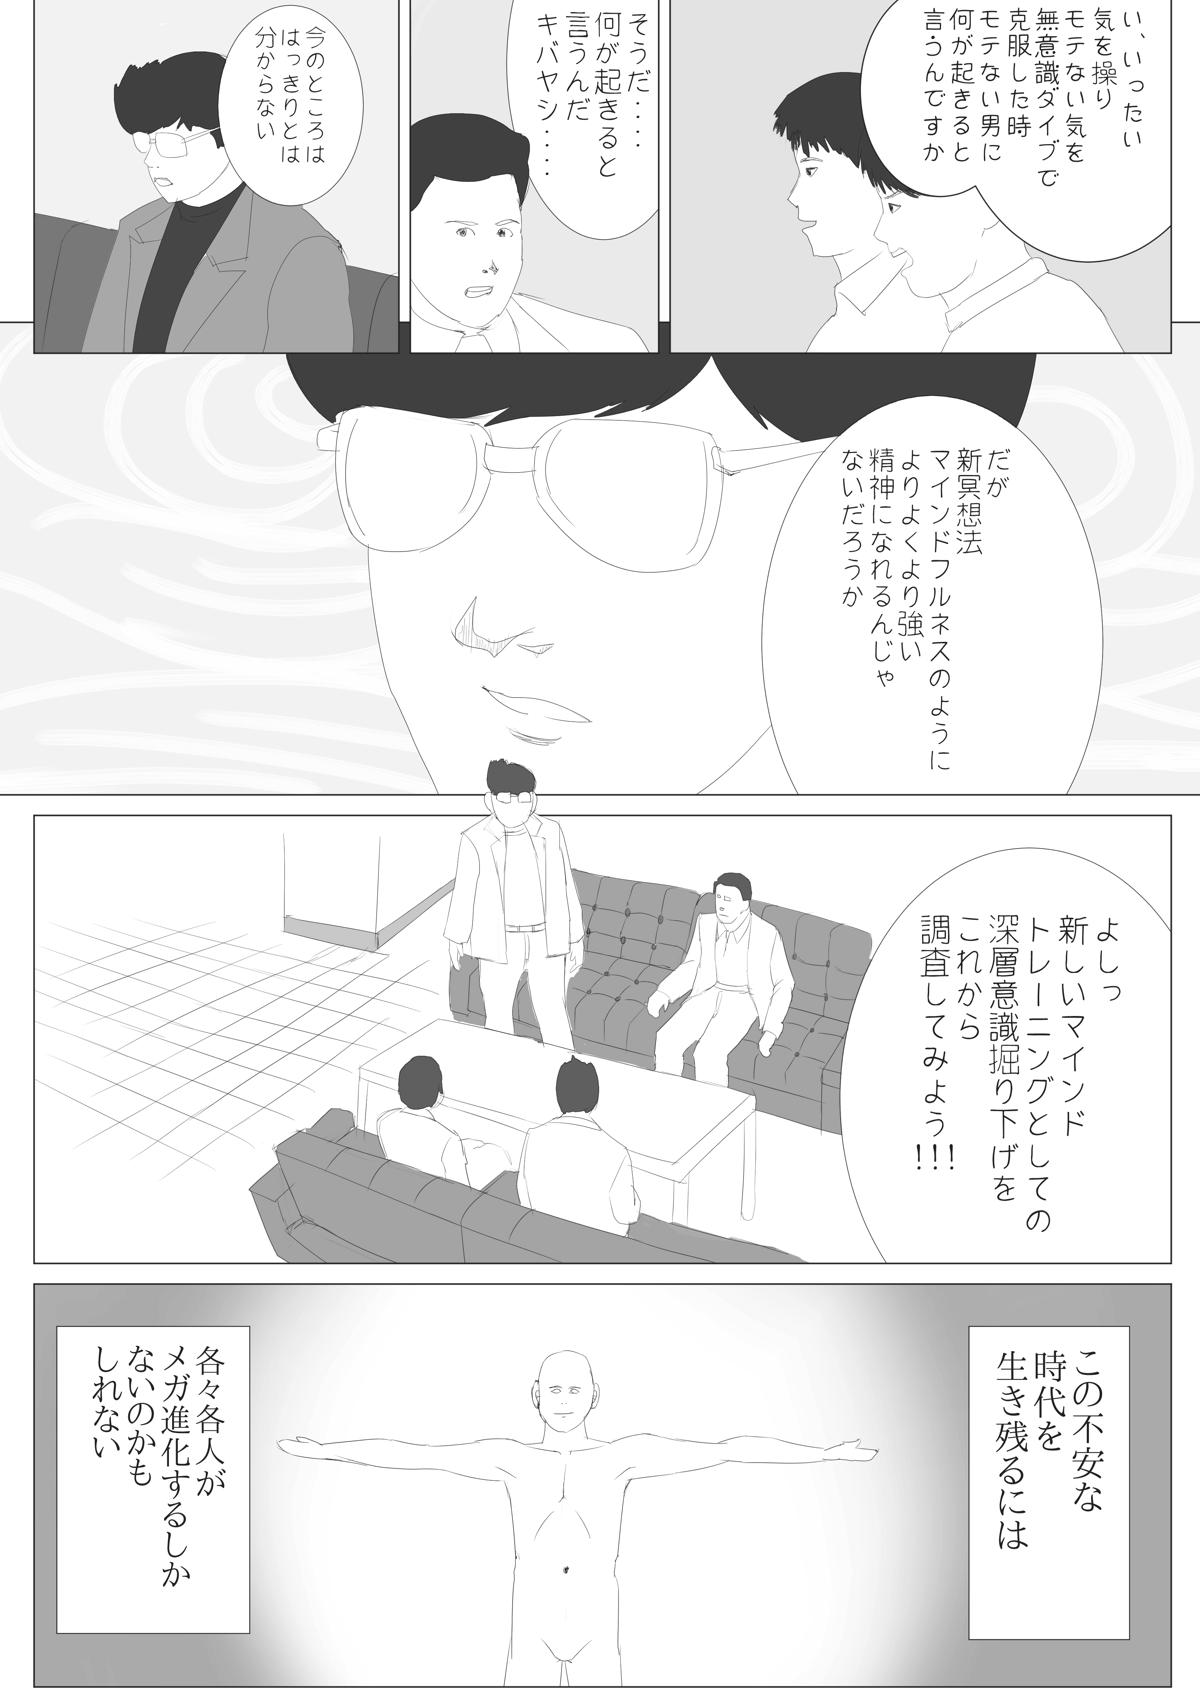 MMR漫画 「古代の気功術の全貌とは!?謎のモテ術を追え」清書